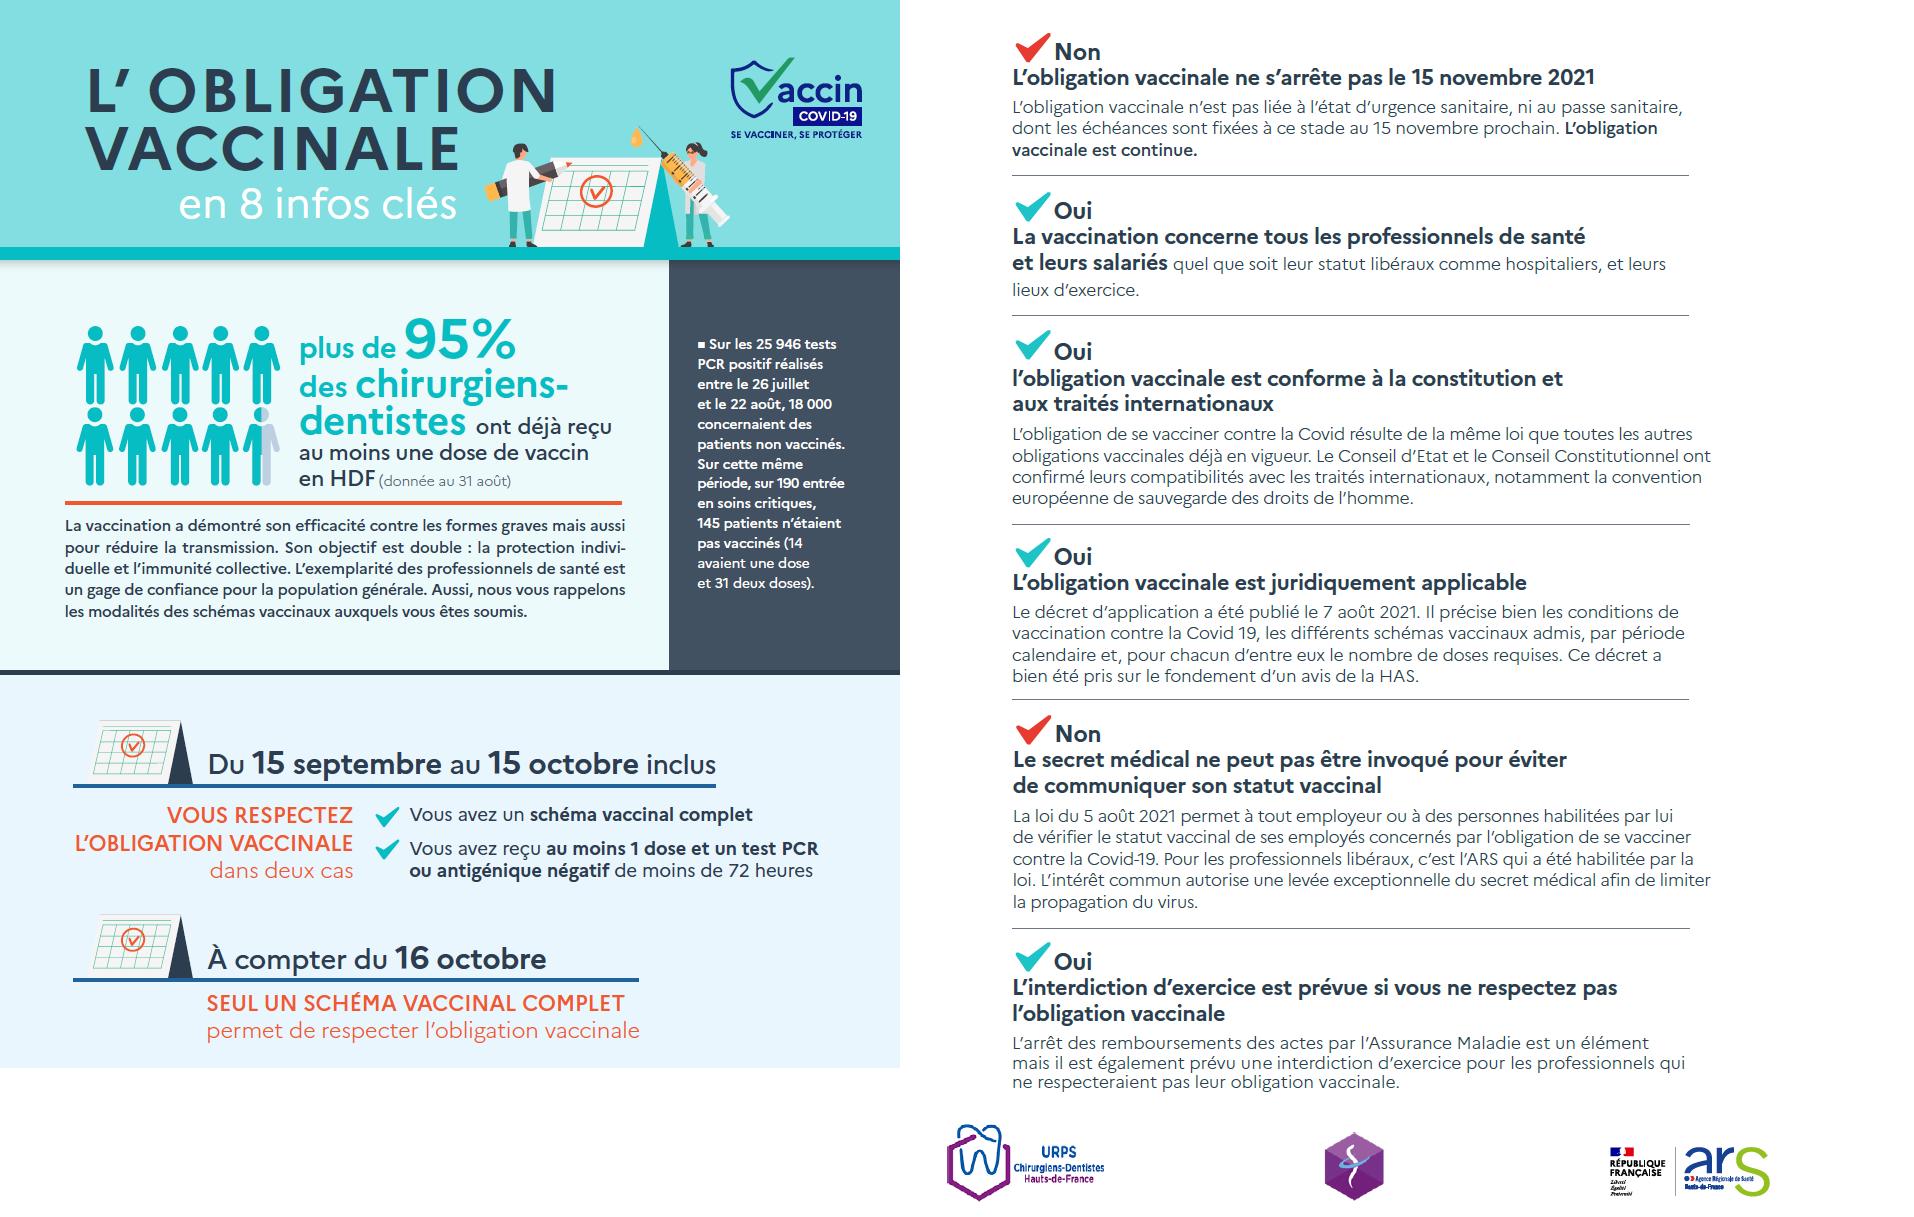 L'obligation vaccinale en 8 infos clés